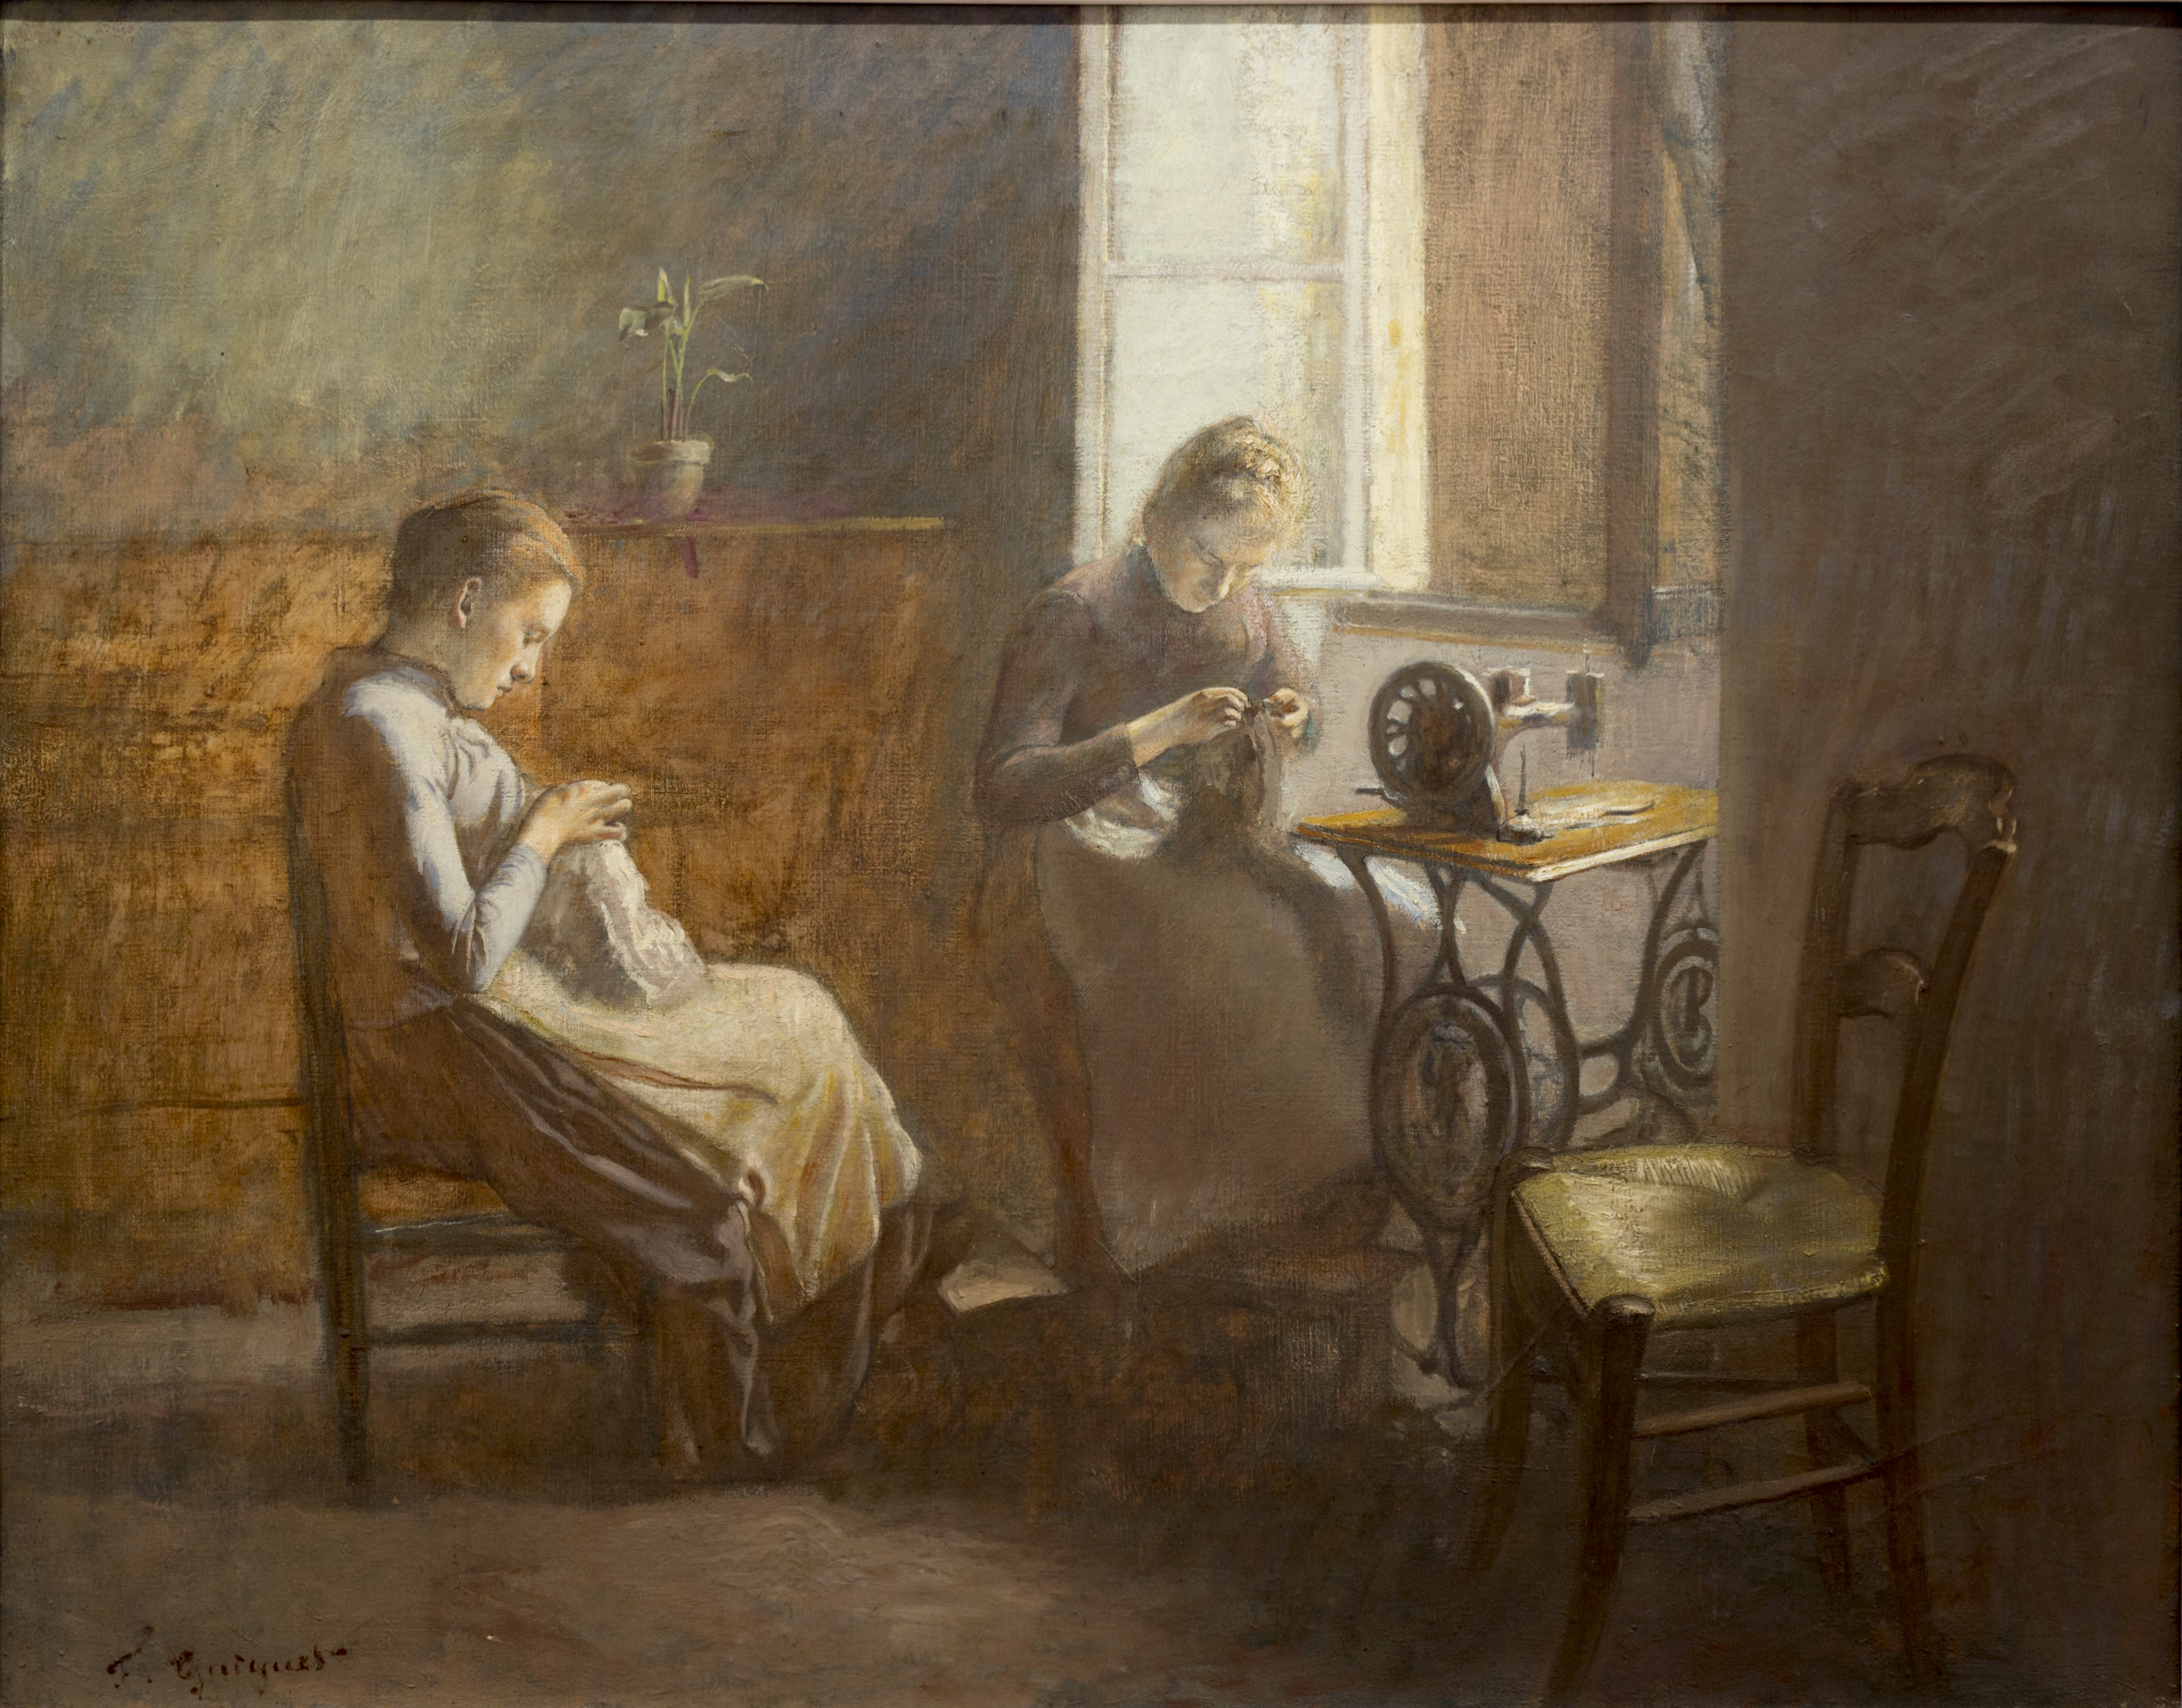 fichier fran 231 ois guiguet les ouvri 232 res huile sur toile 1892 jpg wiktionnaire